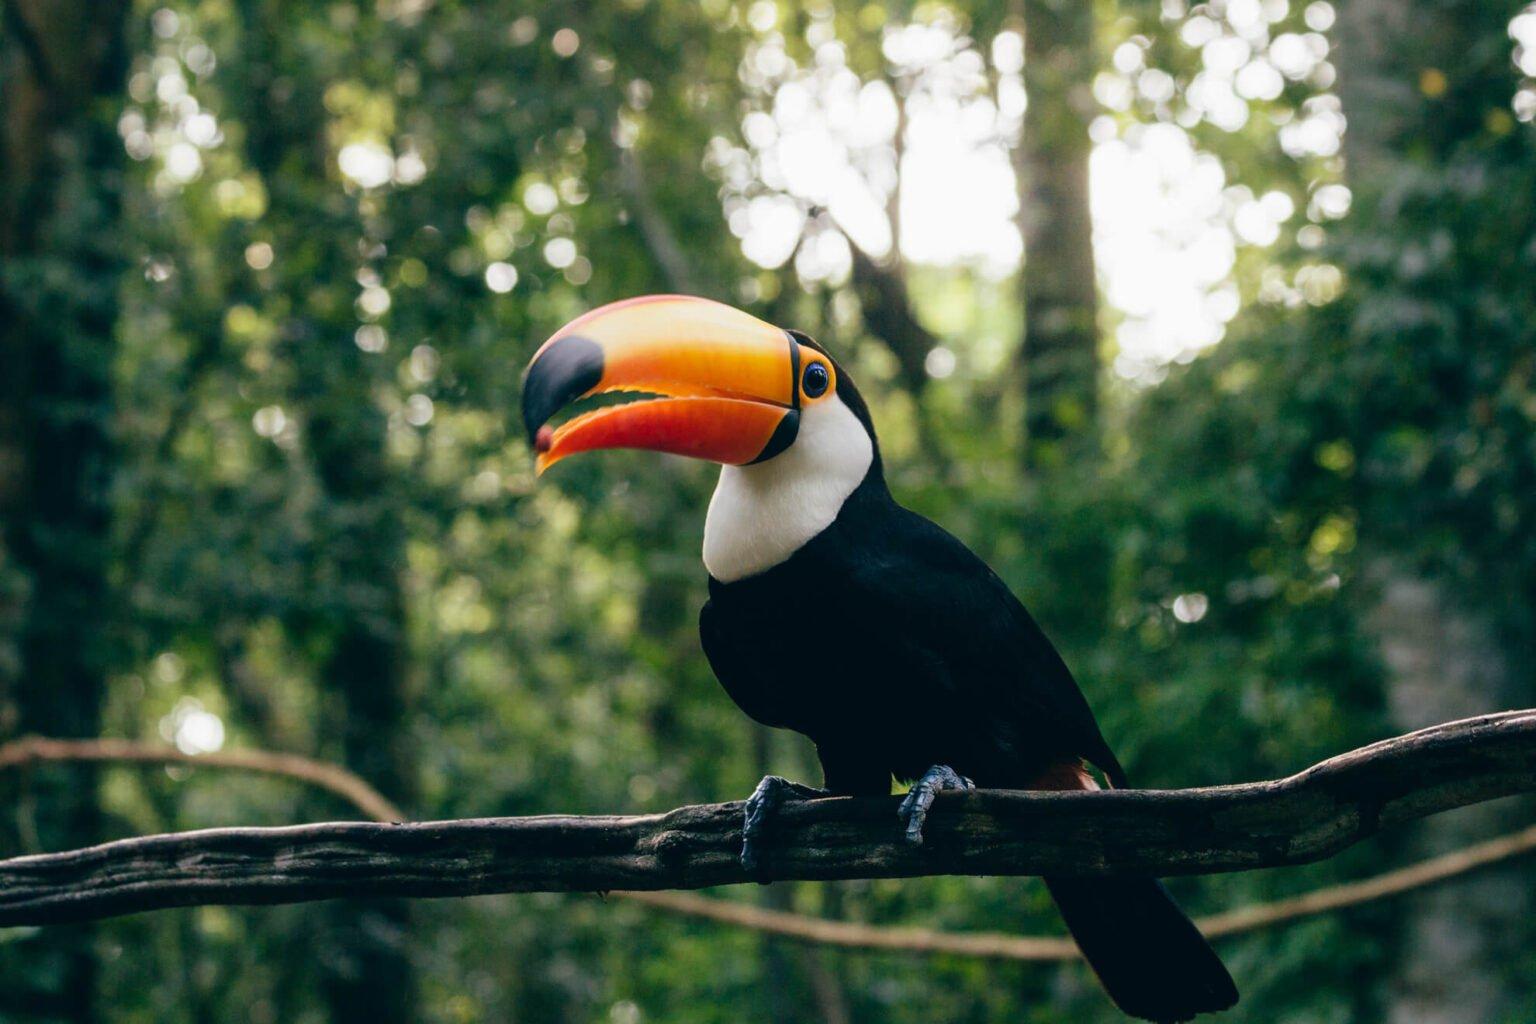 tucano-toco - Backstage Experience, Parque das Aves